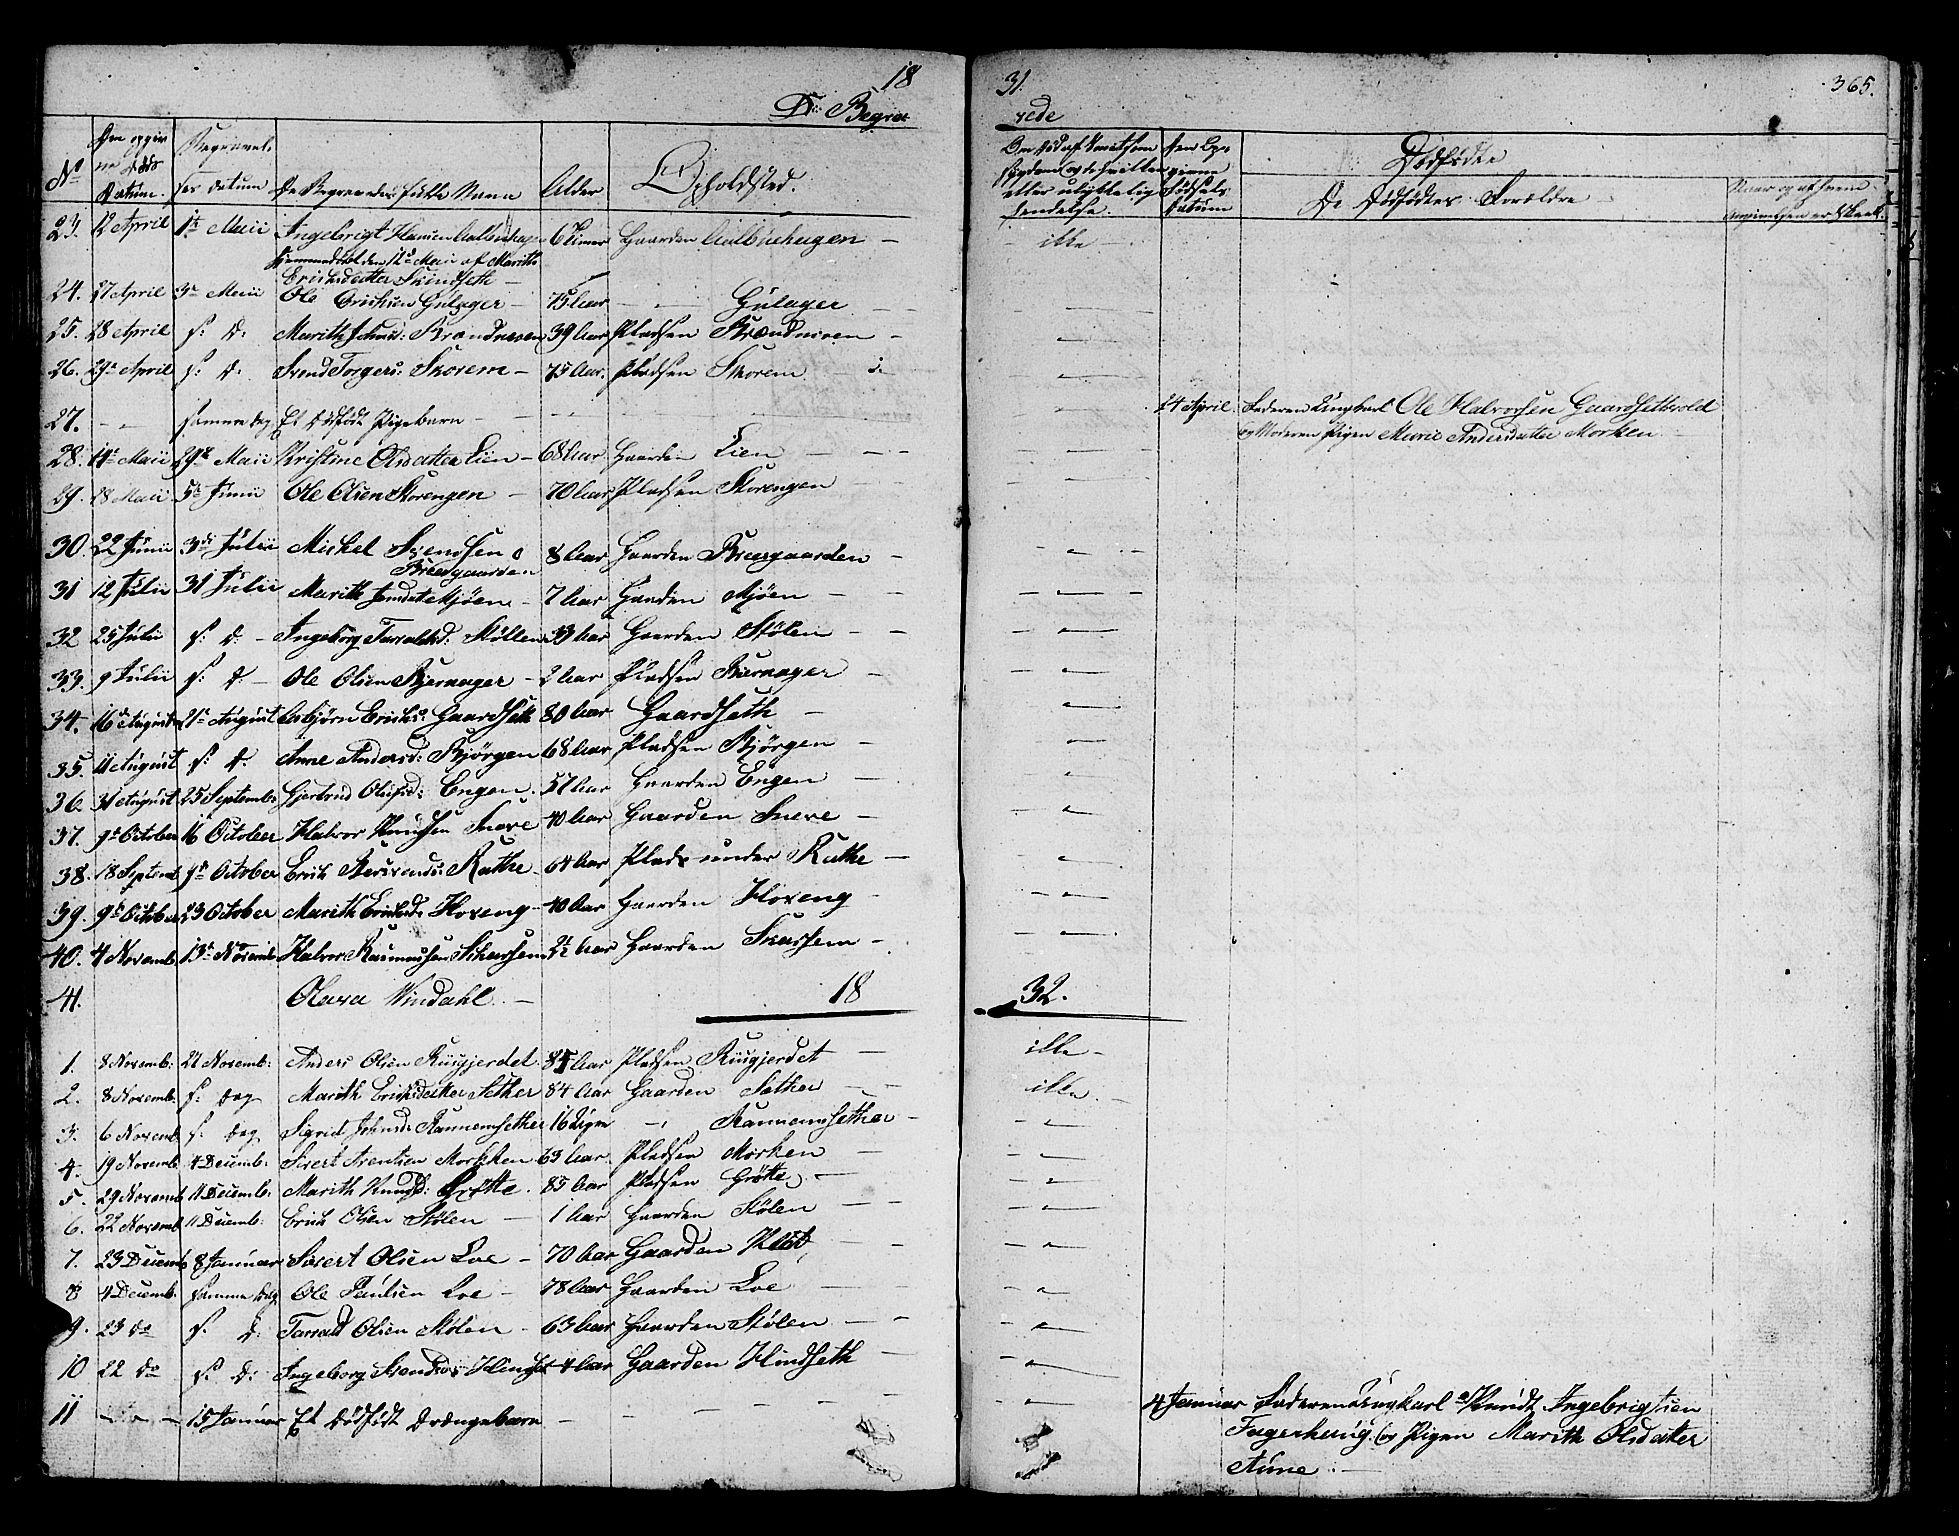 SAT, Ministerialprotokoller, klokkerbøker og fødselsregistre - Sør-Trøndelag, 678/L0897: Ministerialbok nr. 678A06-07, 1821-1847, s. 365